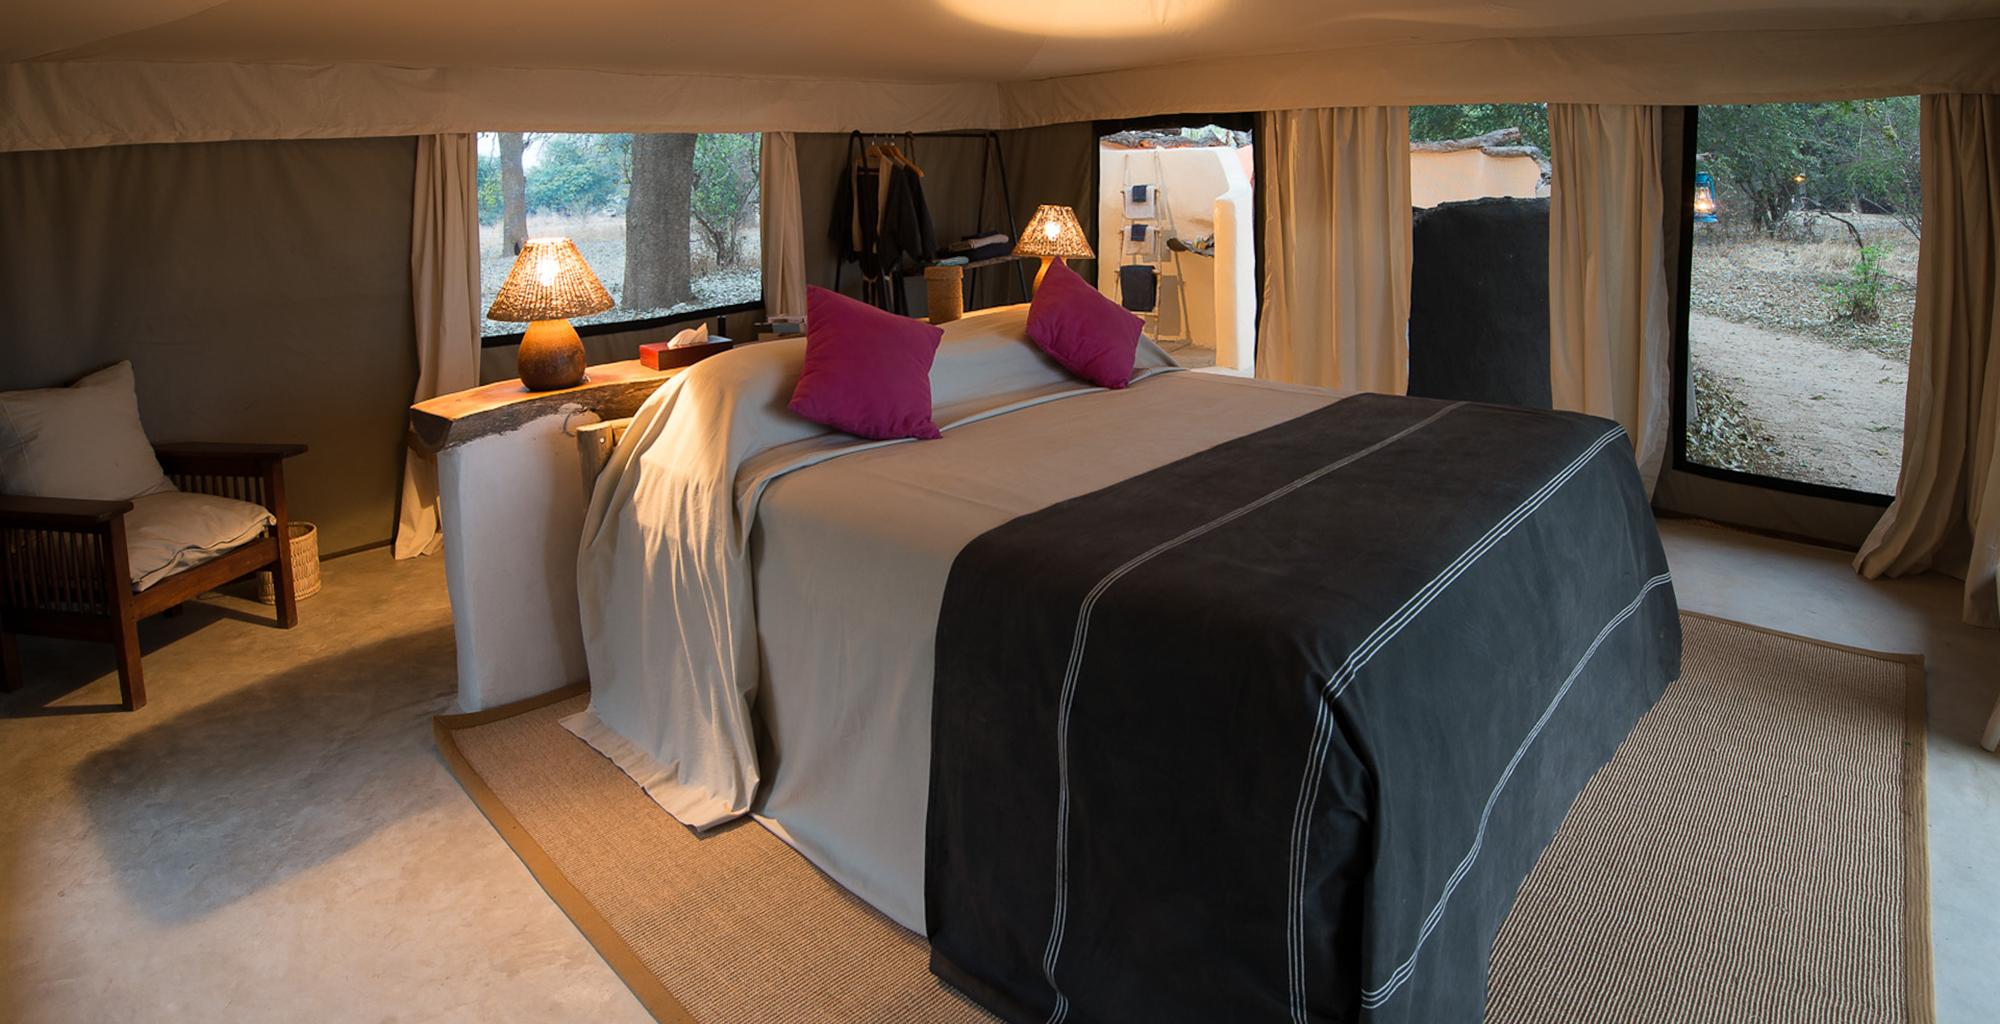 Zambia-Tena-Tena-Bedroom-Interior